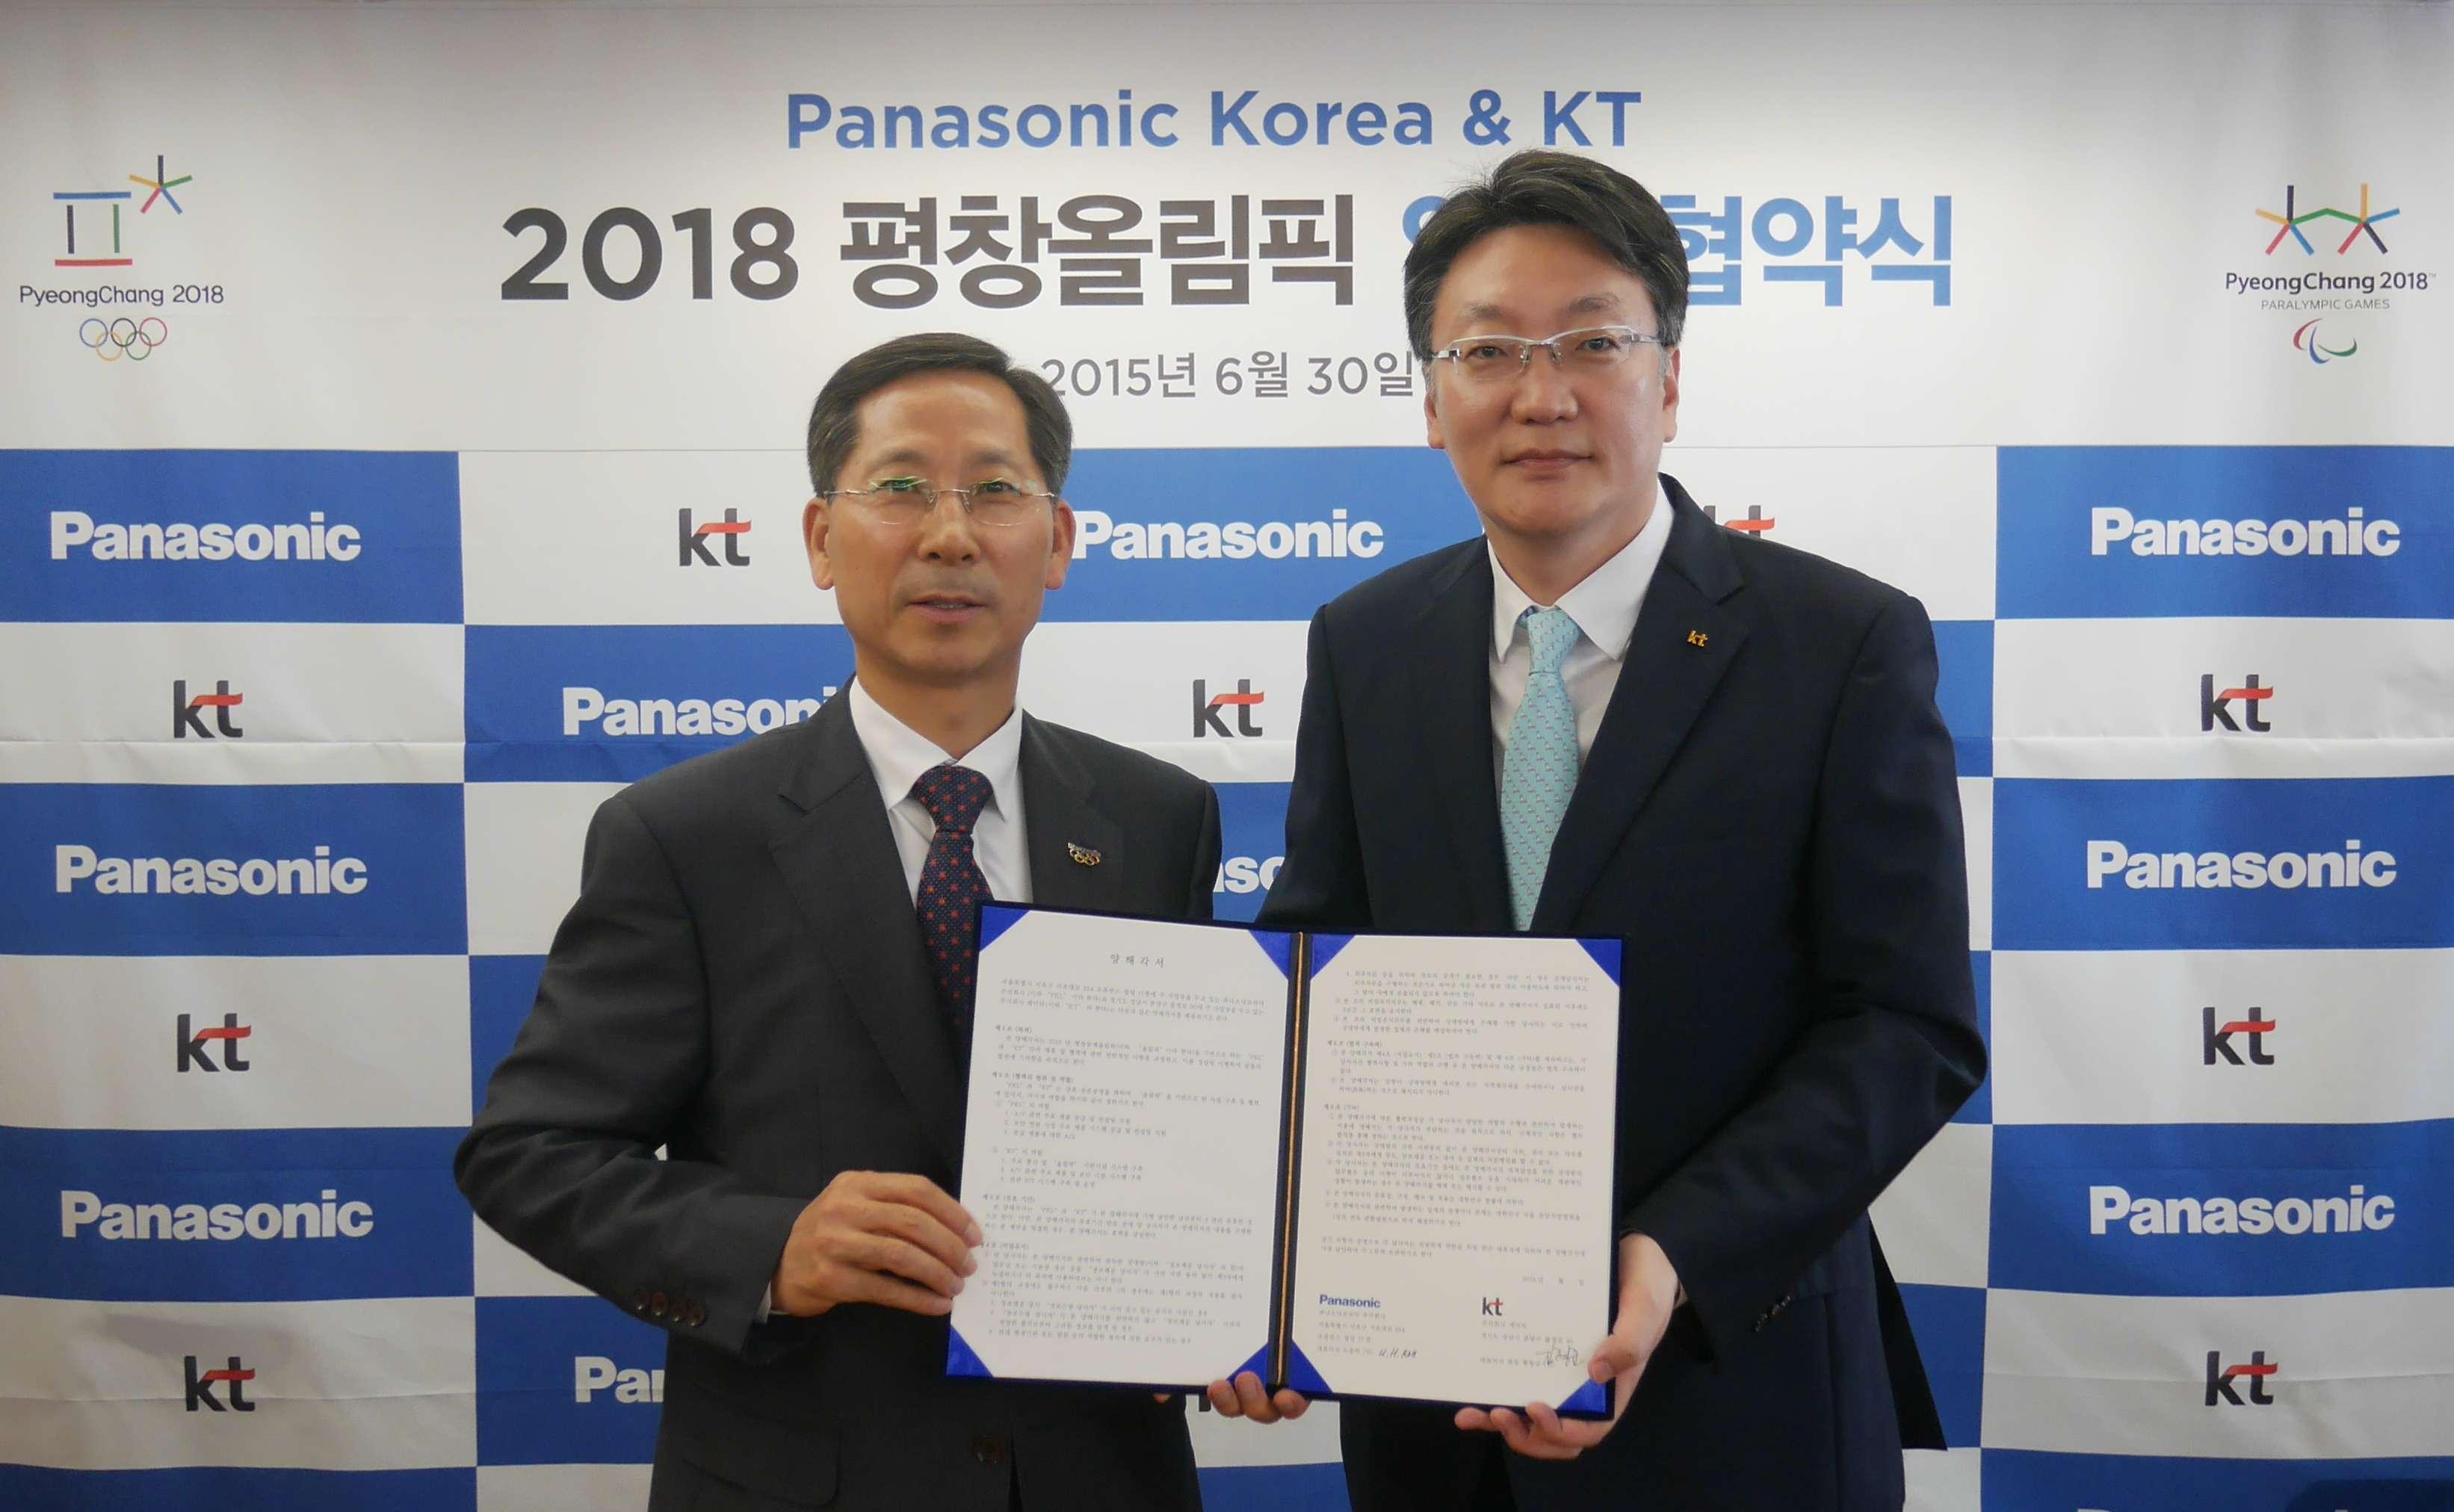 ノ・ウンハ パナソニック韓国社長(写真左) と KT社 キム・ヒョンジュン氏